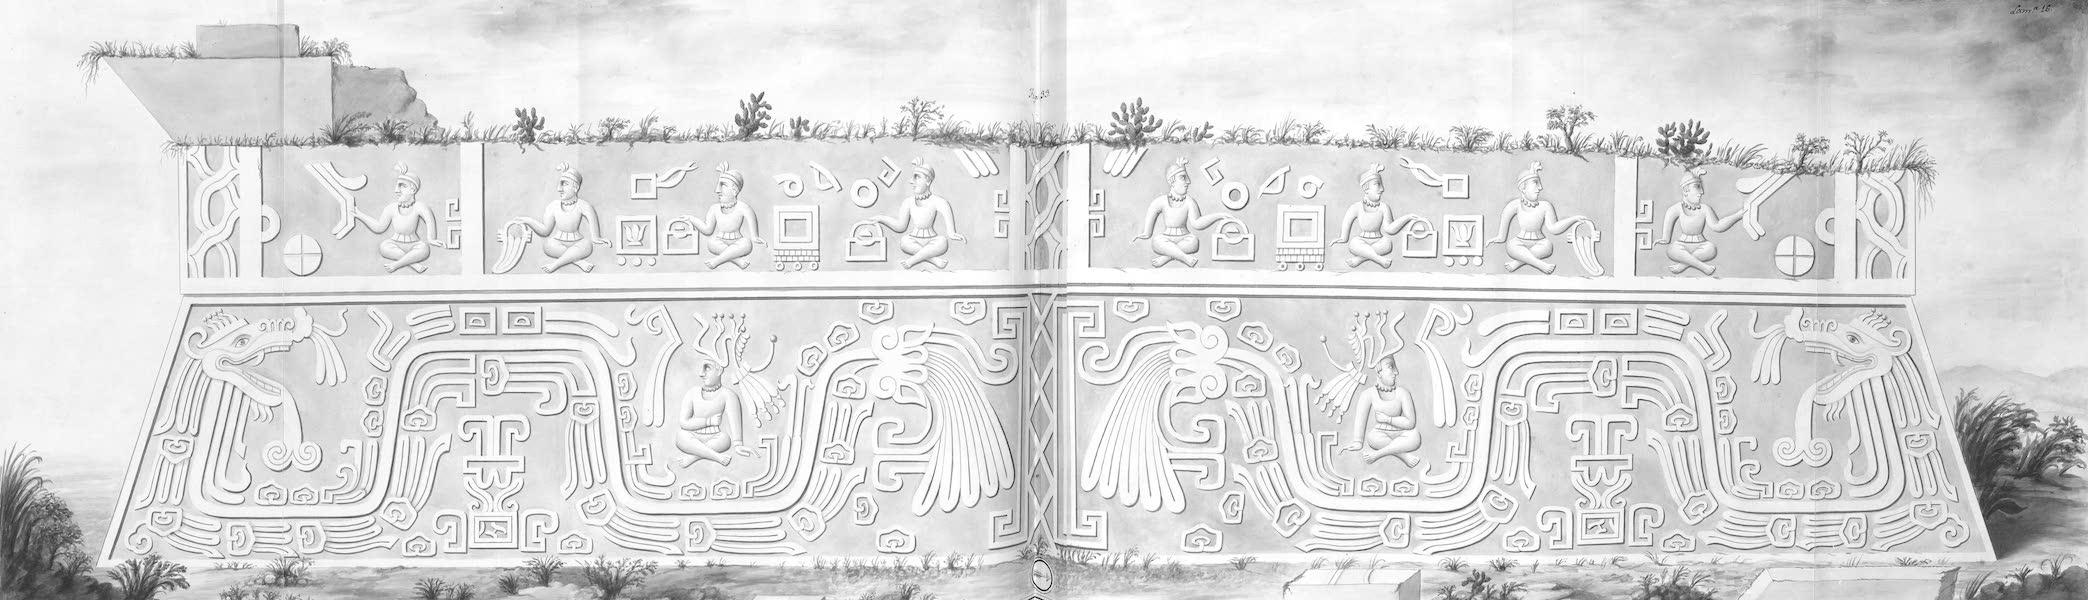 Coleccion General de Laminas de los Antiguos Monumentos de Nueva Espana - Primer Viage - Lamina 16 (1820)